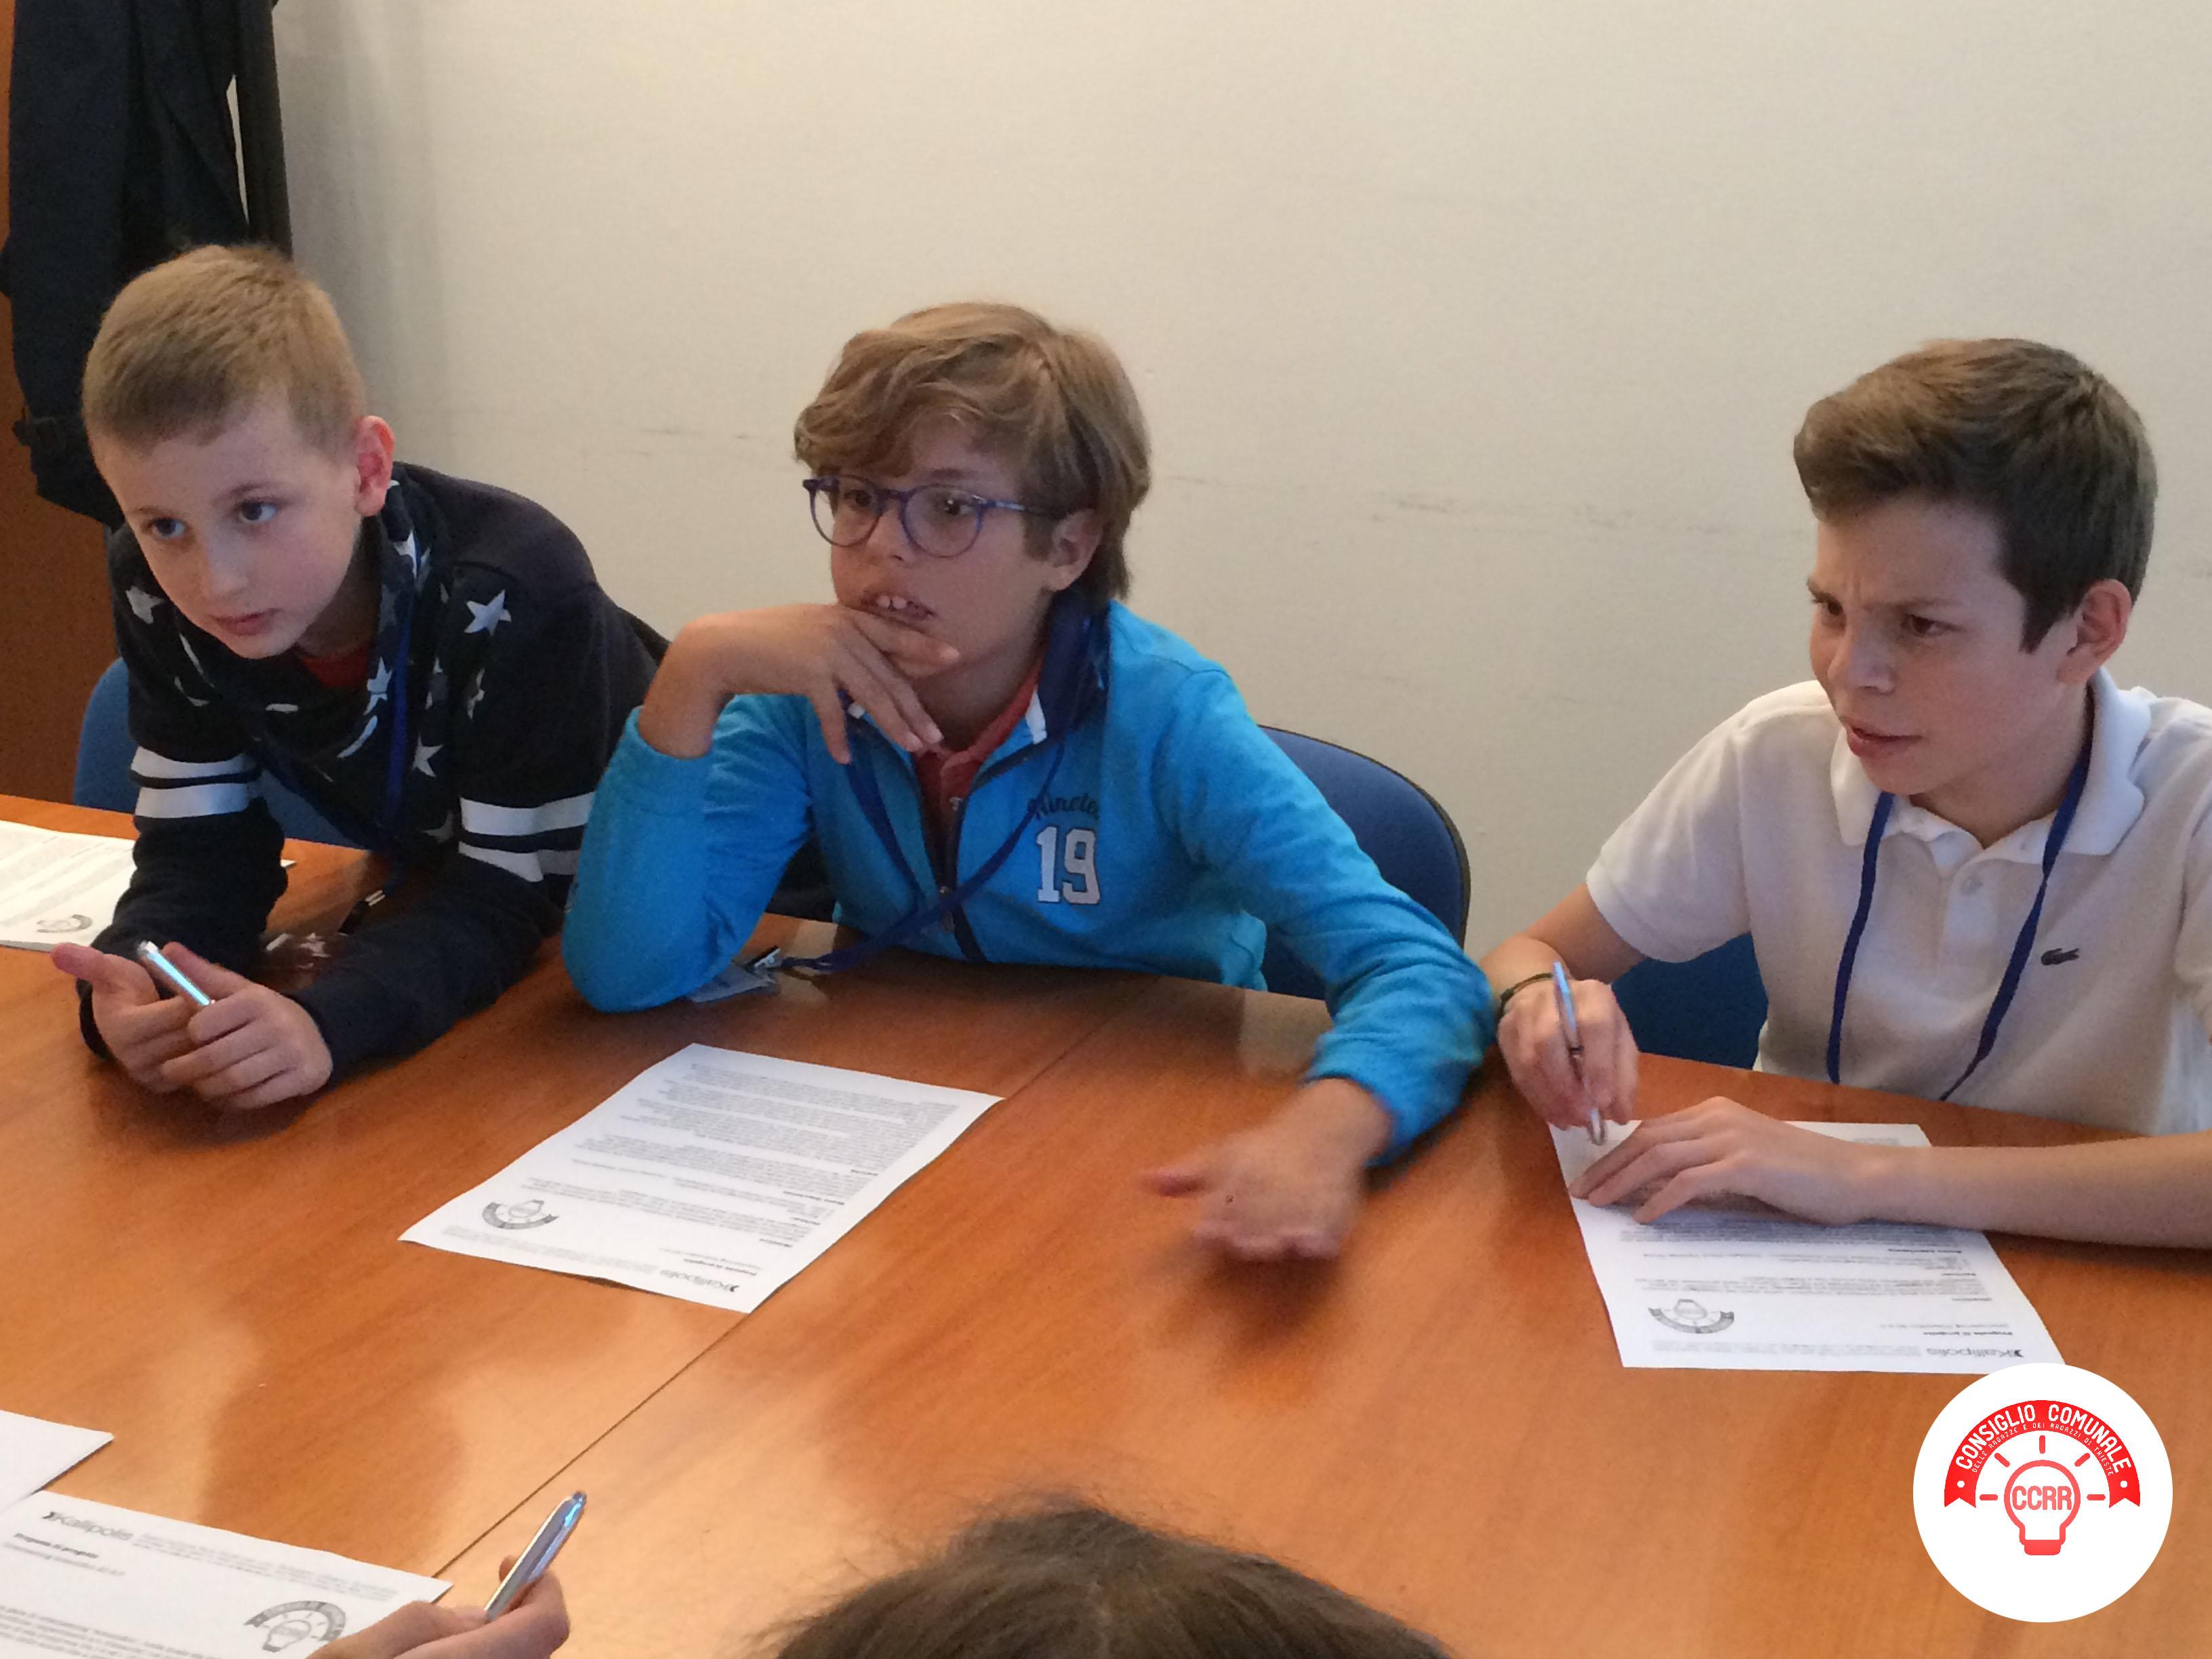 CCRR_settimo incontro_preparazione in gruppi per l'evento finale in Consiglio Comunale 4